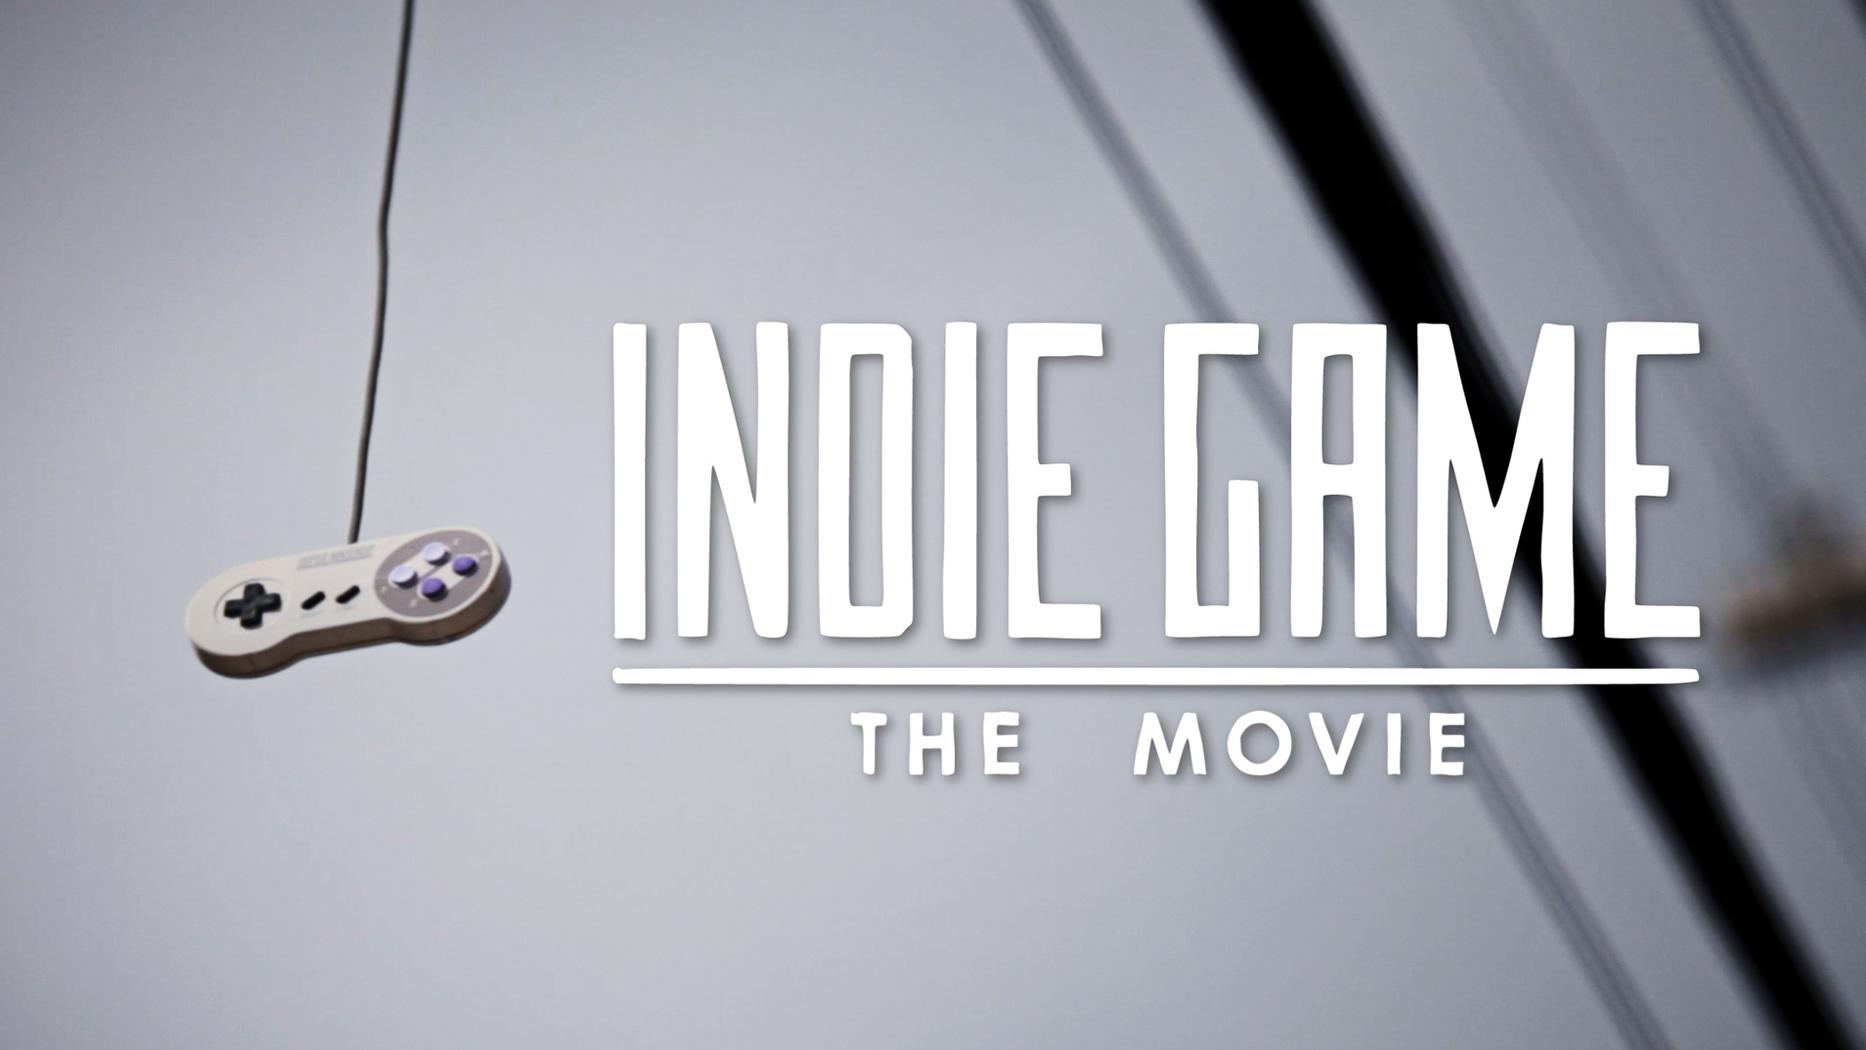 Indie Game – The Movie